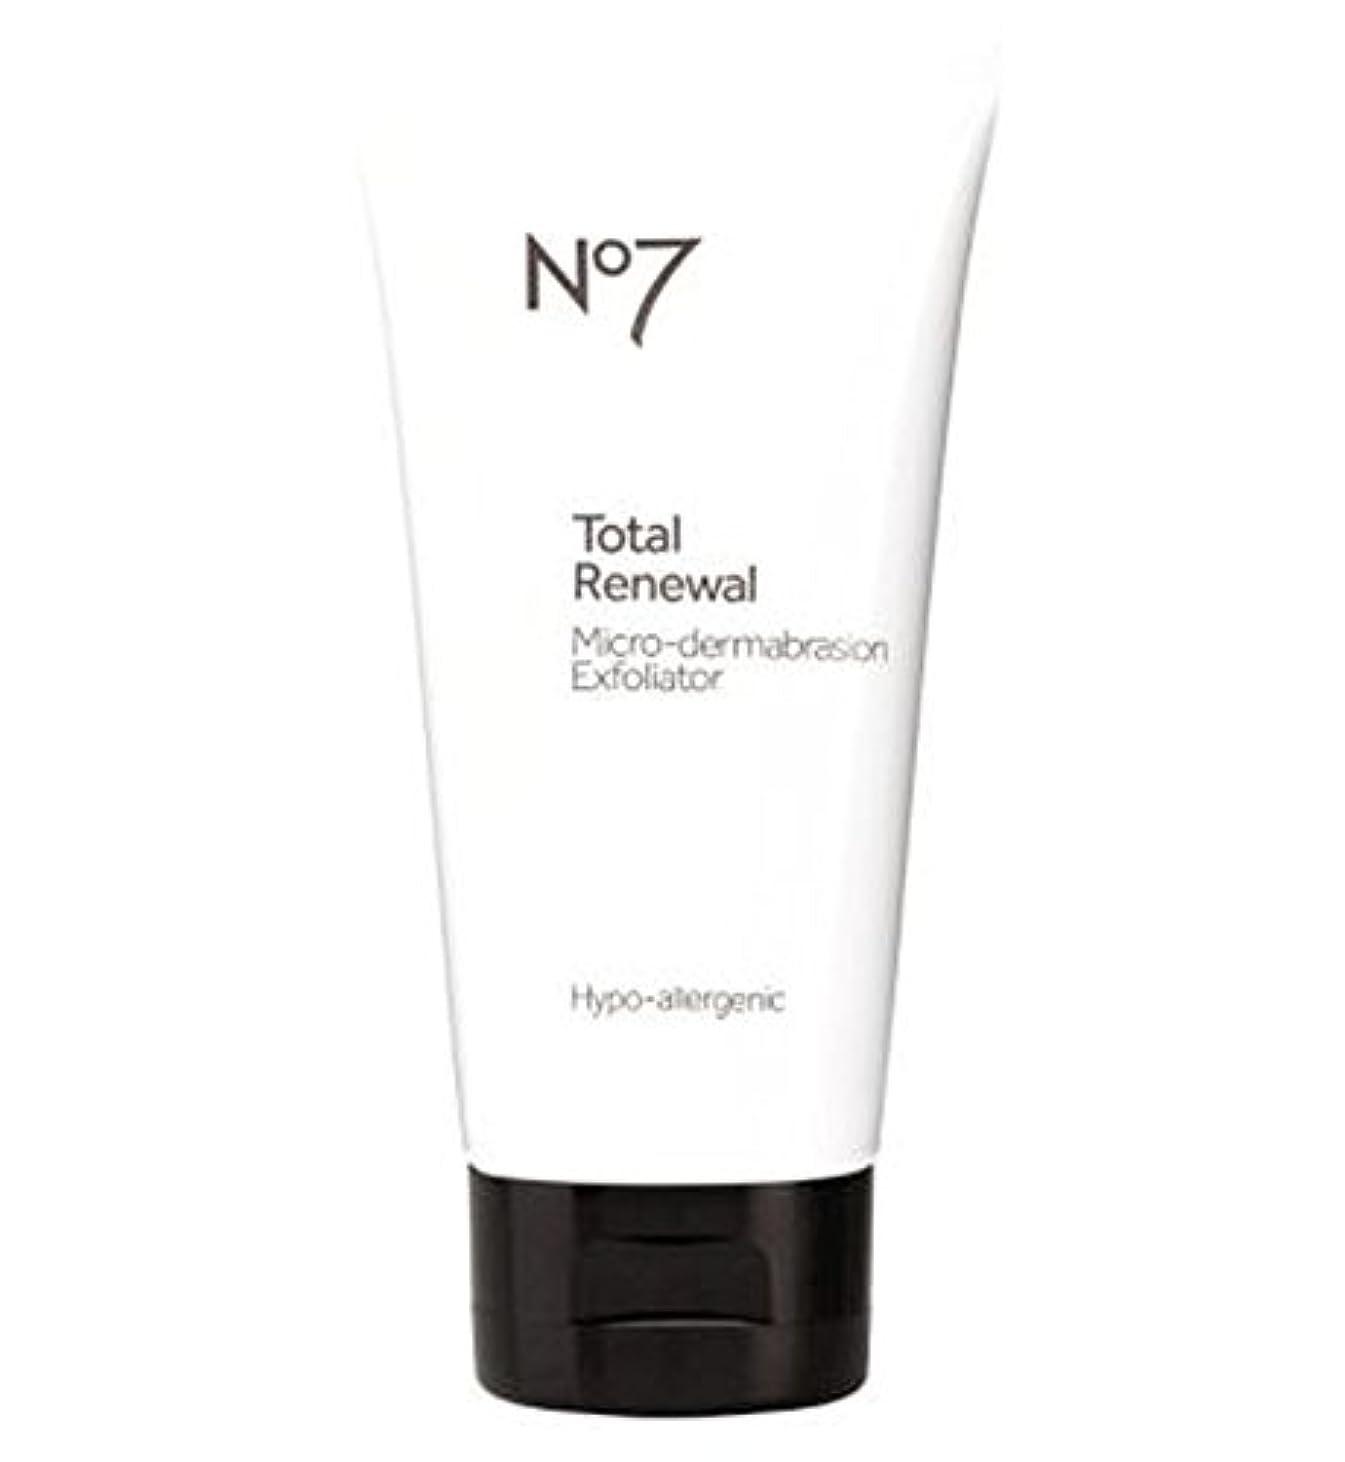 ファランクス応じるアンタゴニストNo7 Total Renewal Micro-dermabrasion Face Exfoliator - No7総リニューアルマイクロ皮膚剥離面エクスフォリエーター (No7) [並行輸入品]